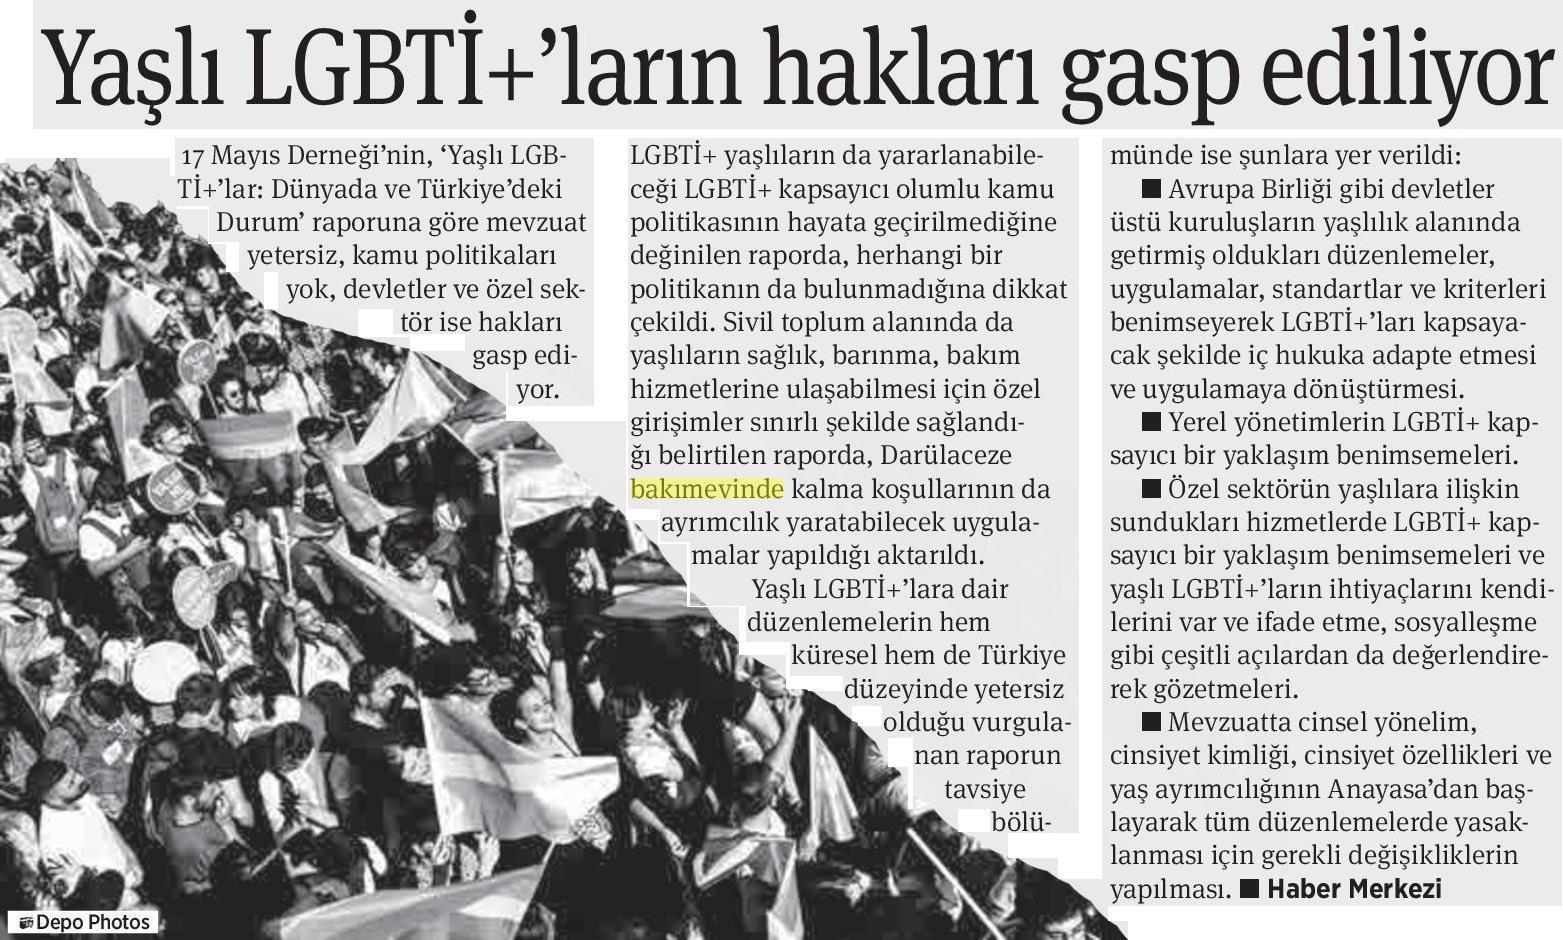 Yaşlı LGBTİ+'ların Hakları Gasp Ediliyor